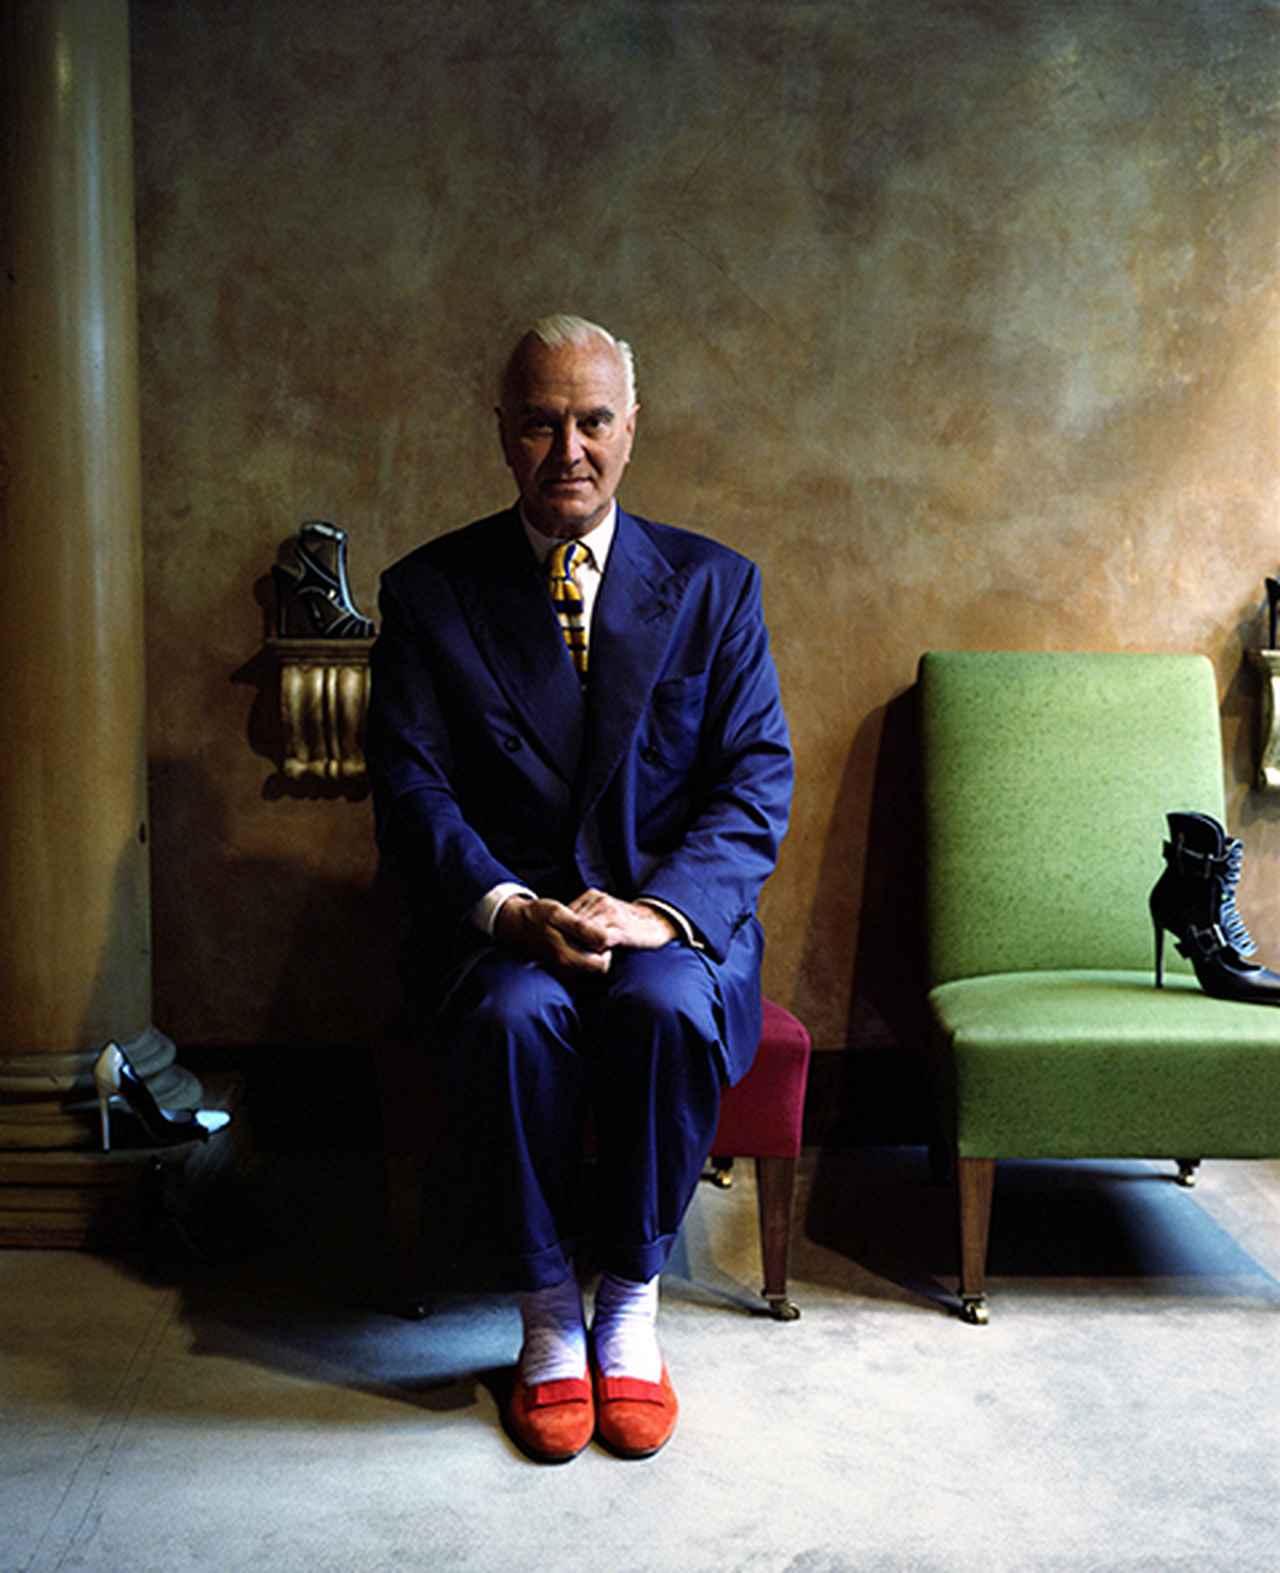 Images : 1番目の画像 - 「マノロ・ブラニクの頭の中にあるもの」のアルバム - T JAPAN:The New York Times Style Magazine 公式サイト